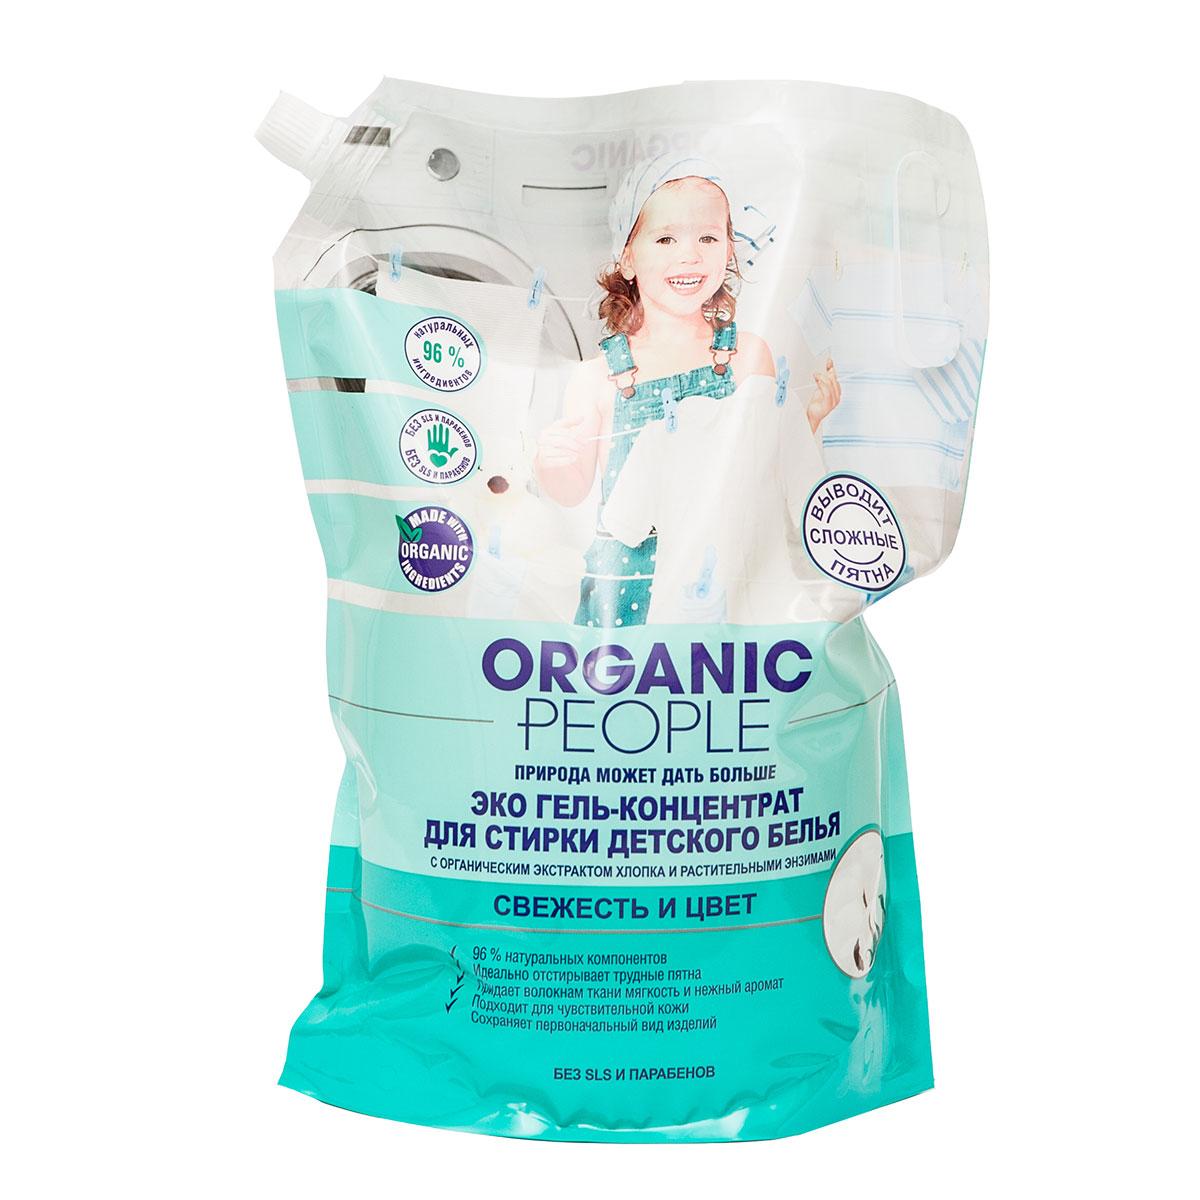 """Эко гель-концентрат для стирки детского белья """"Organic People"""", 2 л"""